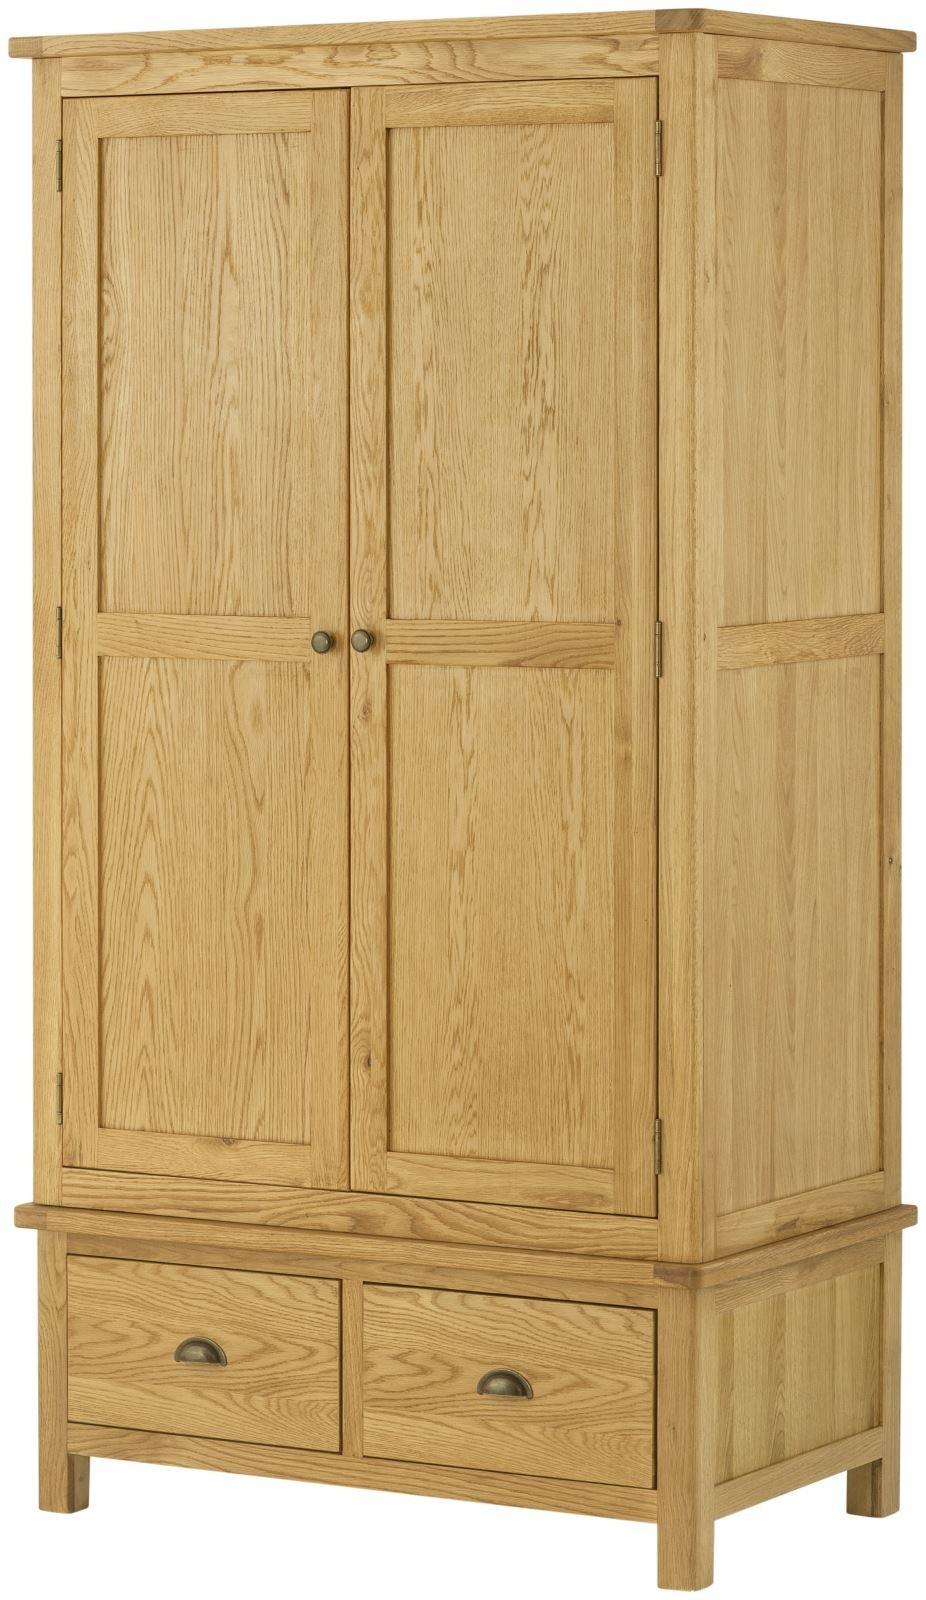 Lundy Oak Wardrobe - Gents